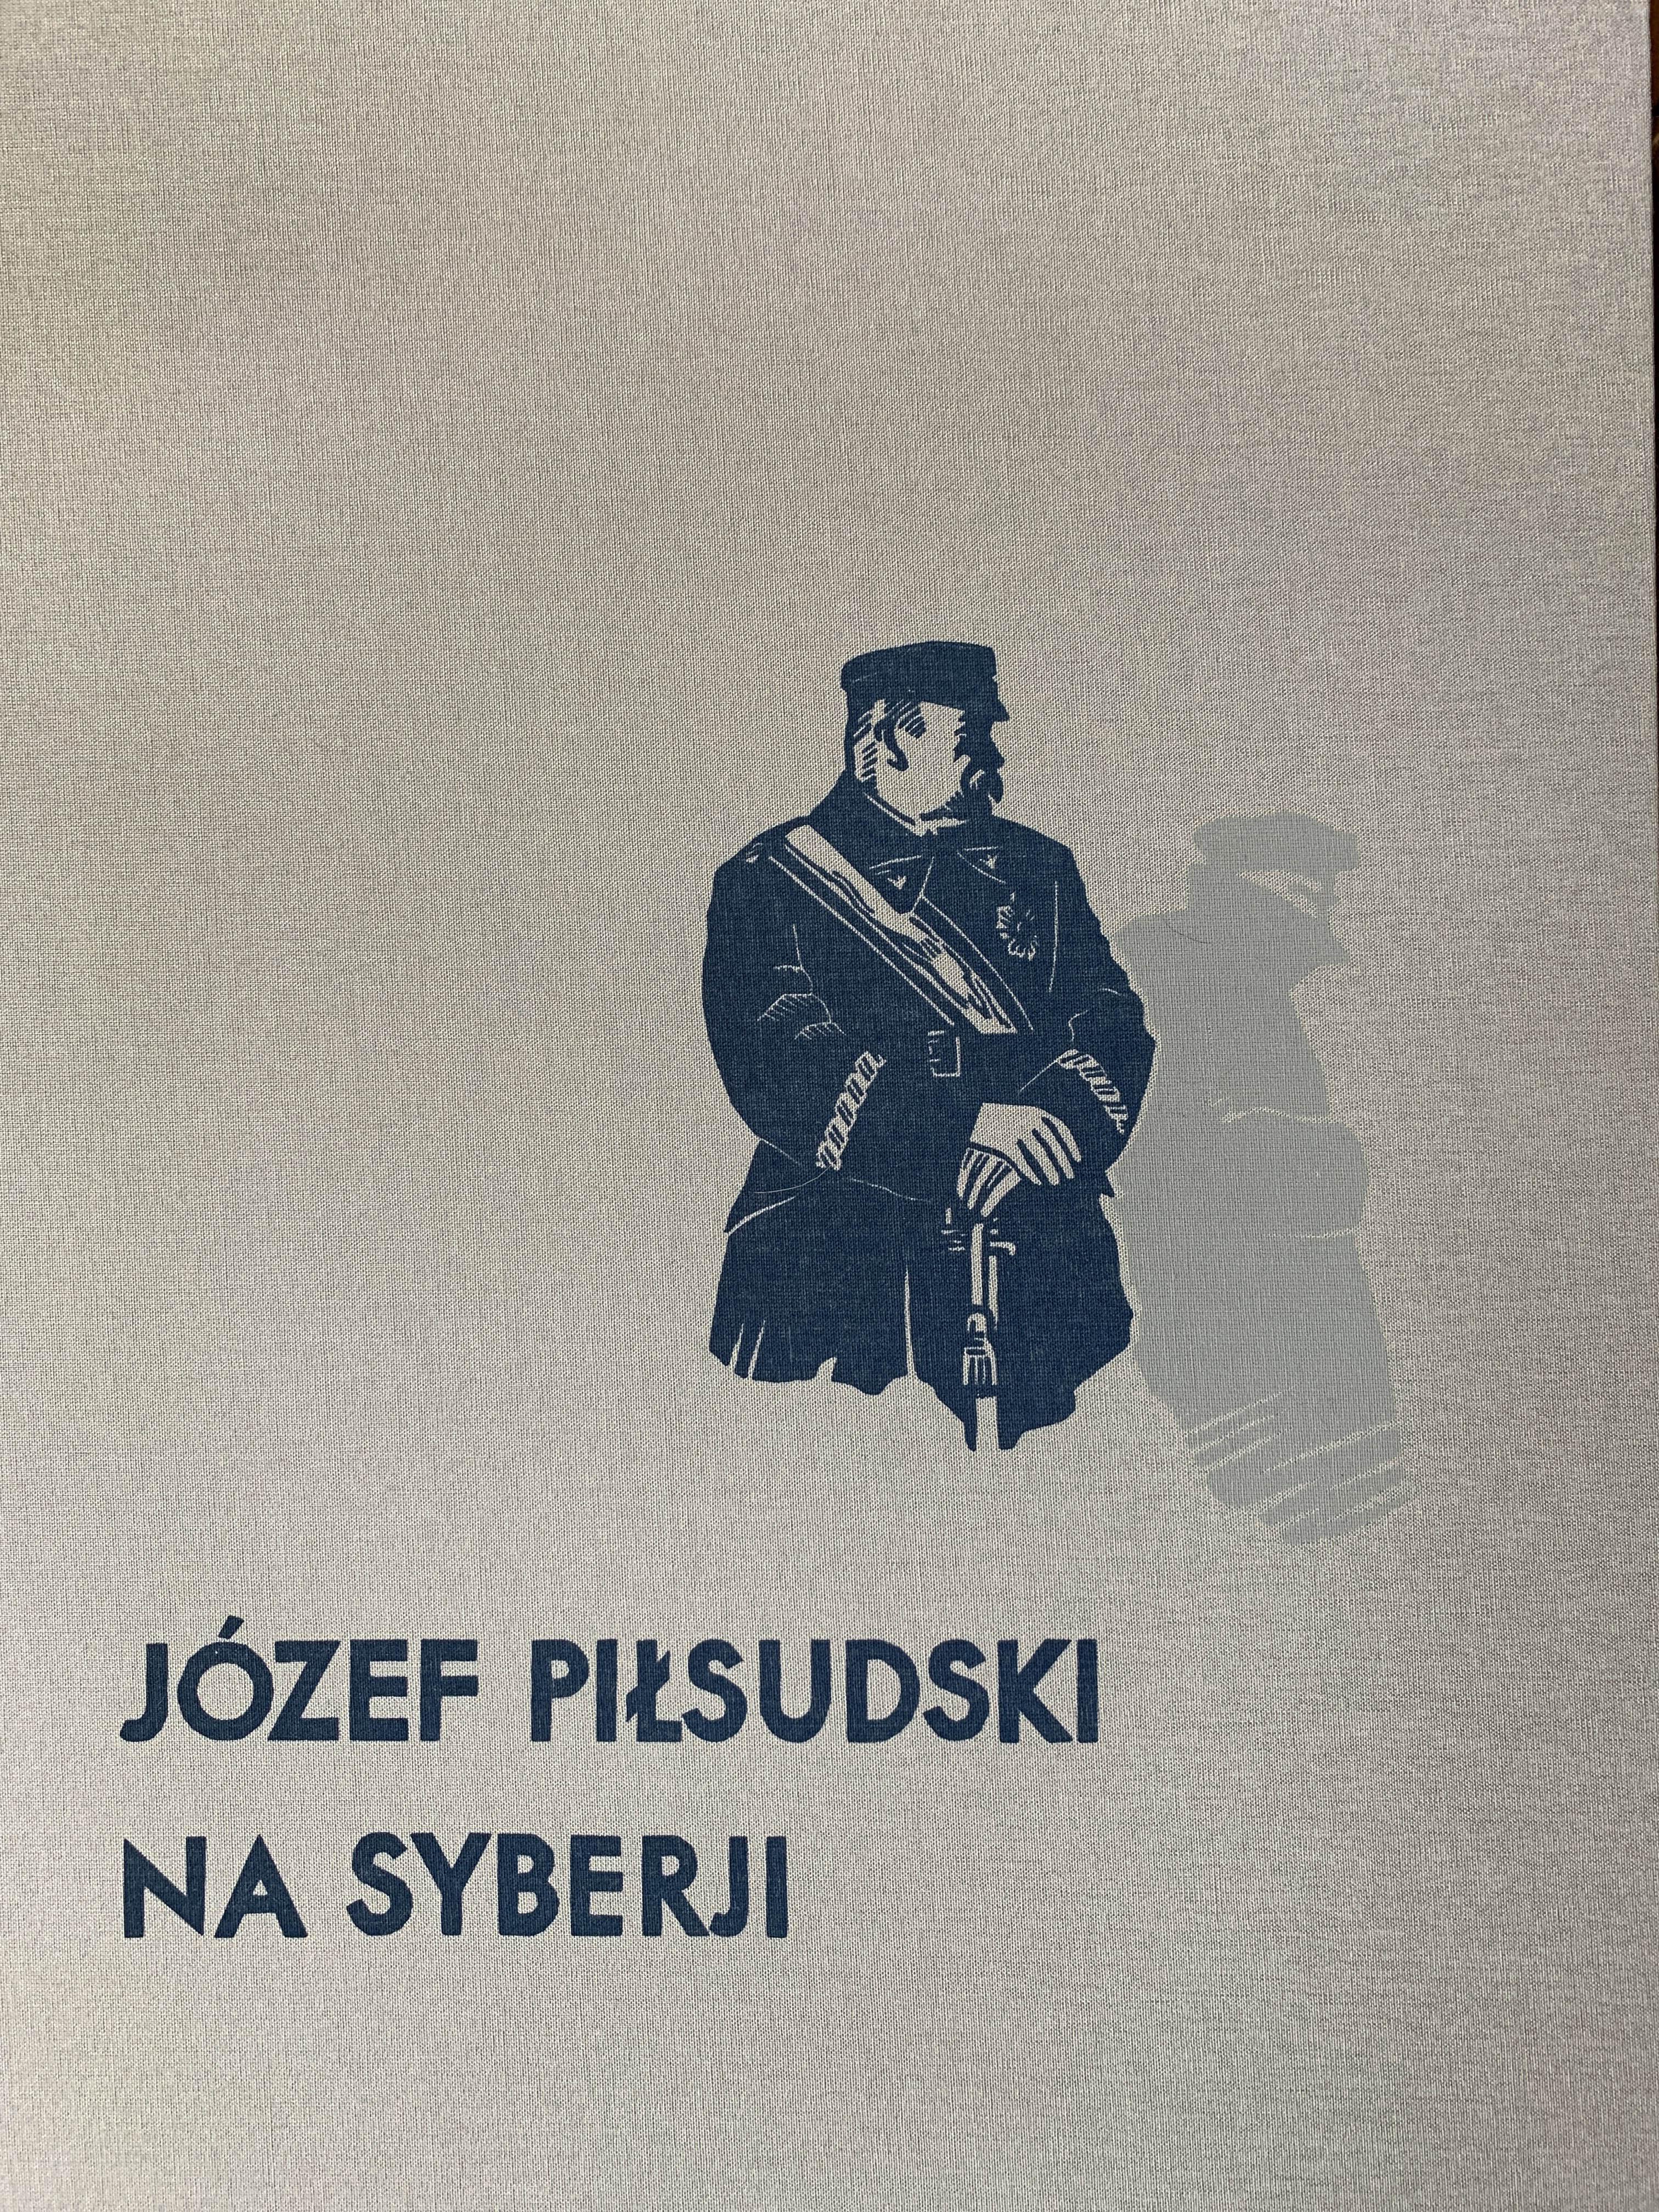 Lepecki, Mieczysław Bohdan (1897-1969)